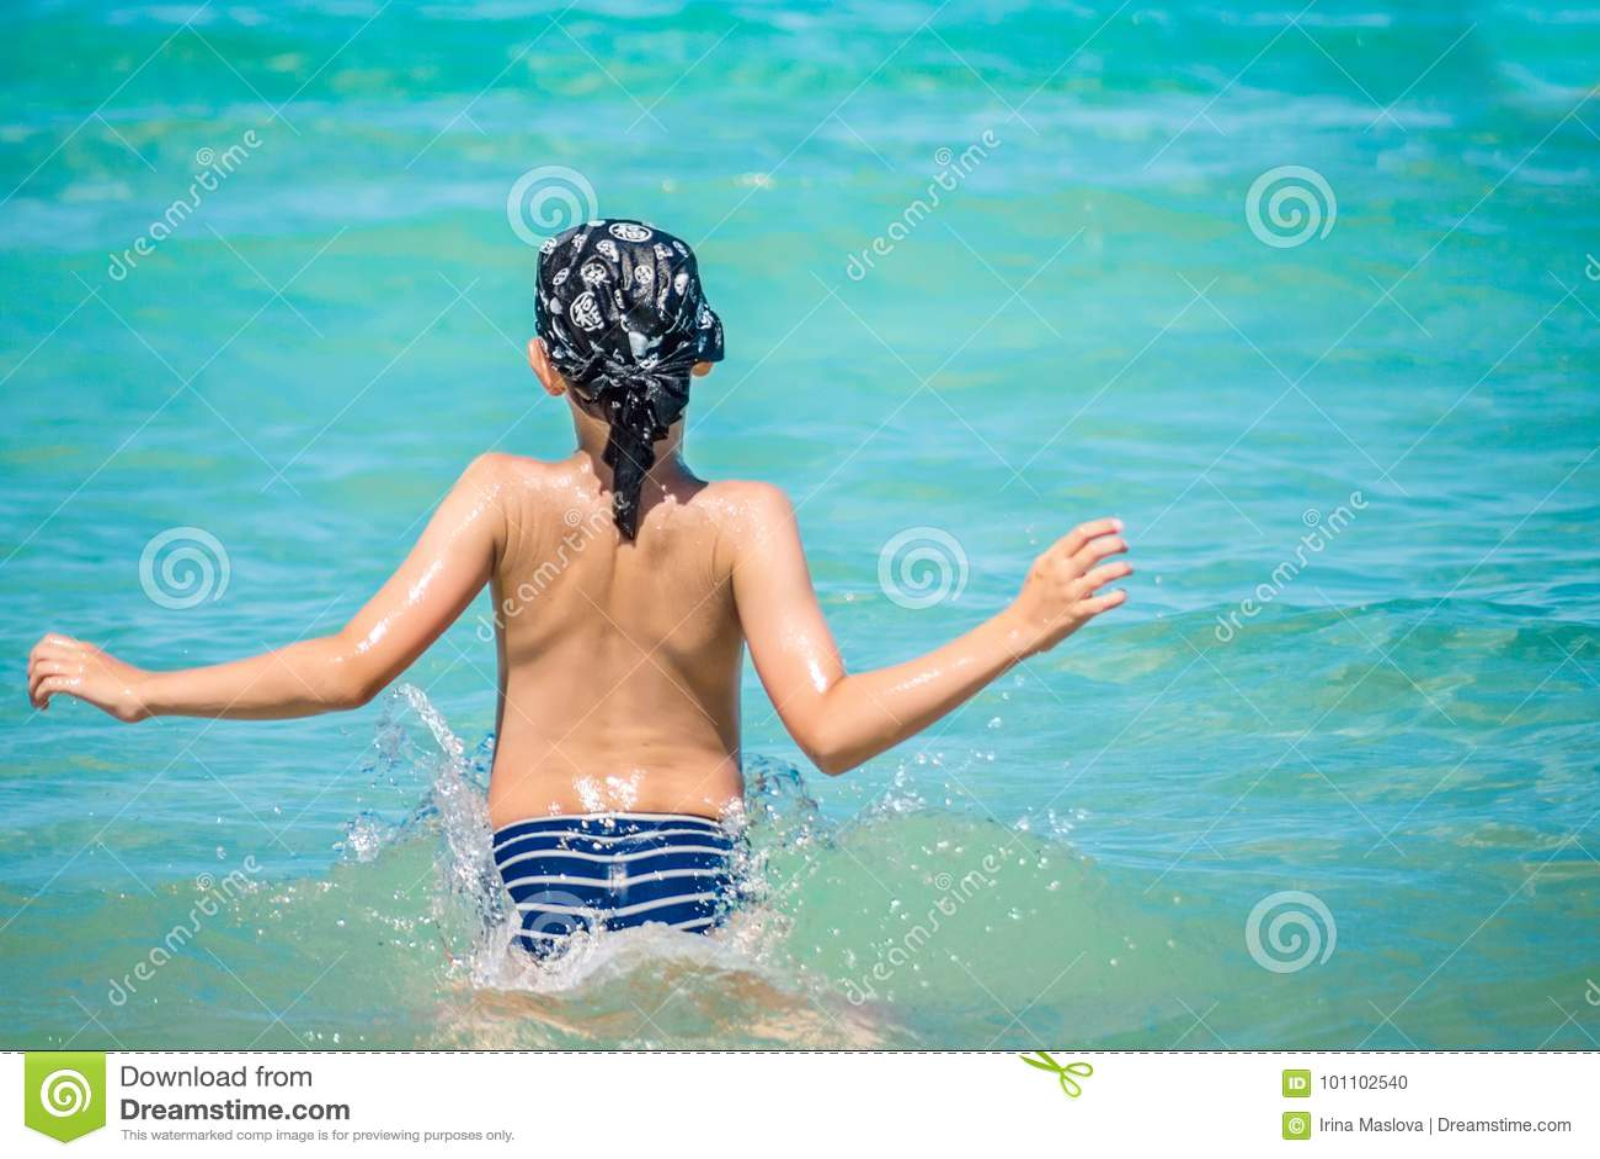 Młoda caucasian chłopiec skacze w wodzie, morze śródziemnomorskie